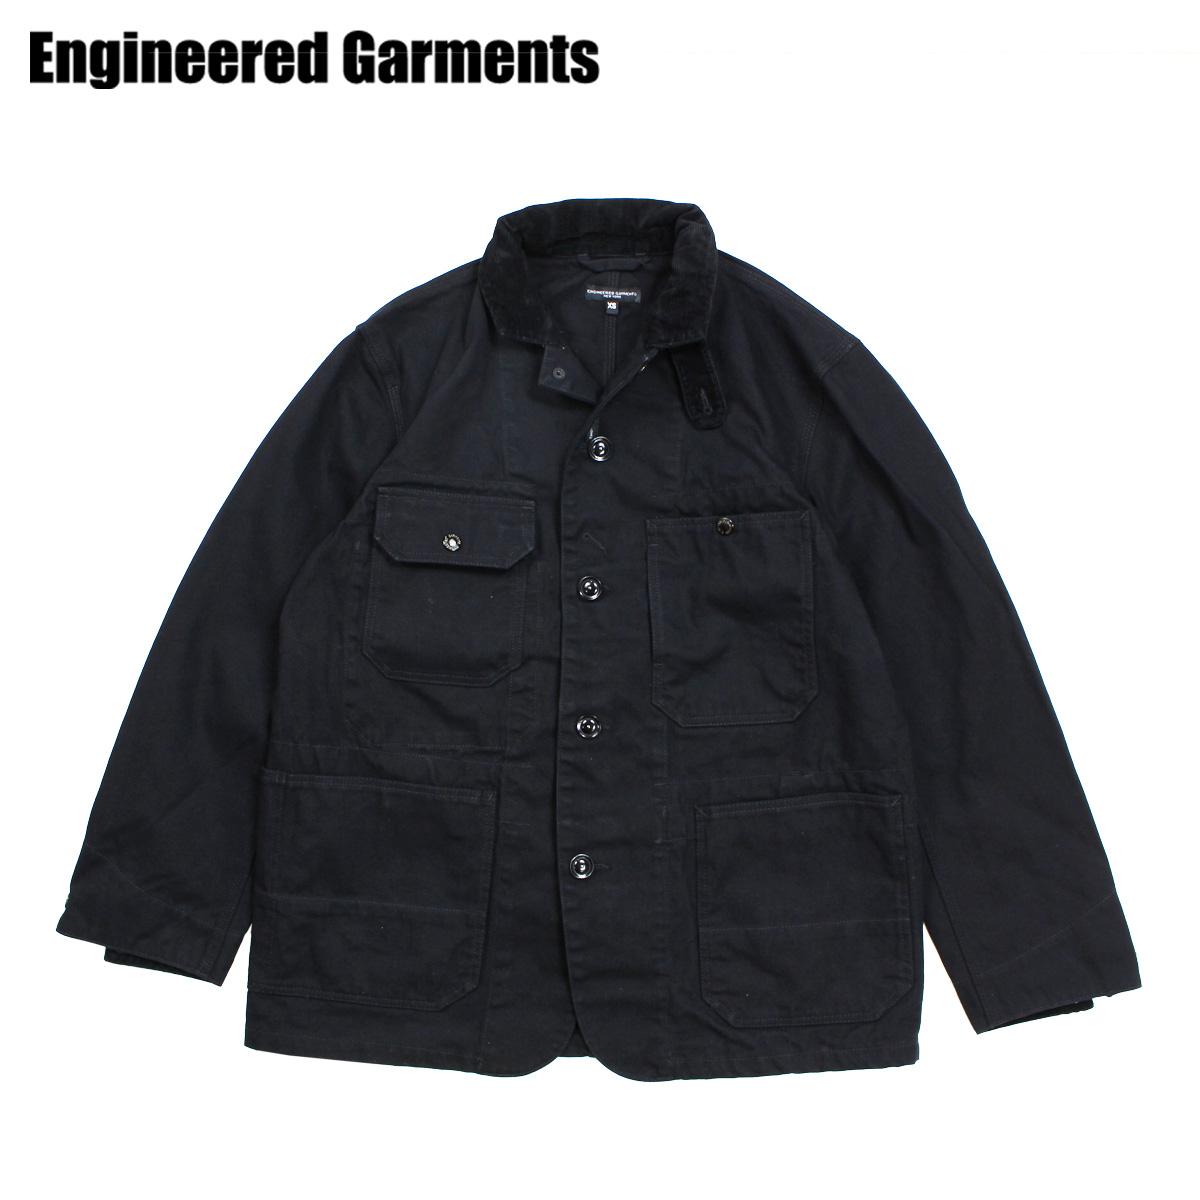 ENGINEERED GARMENTS エンジニアドガーメンツ ジャケット メンズ ロング LOGGER JACKET ブラック 黒 F8D1069